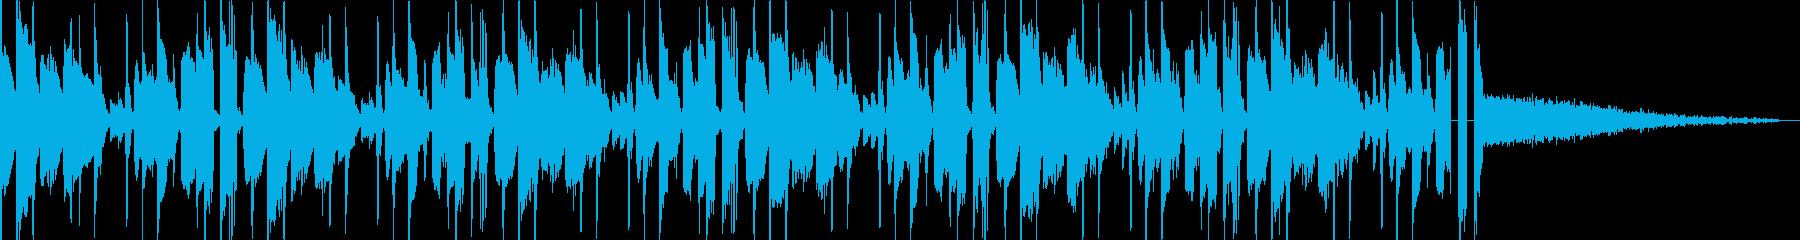 多用途な動画イン・アウトロ用ジングル3の再生済みの波形